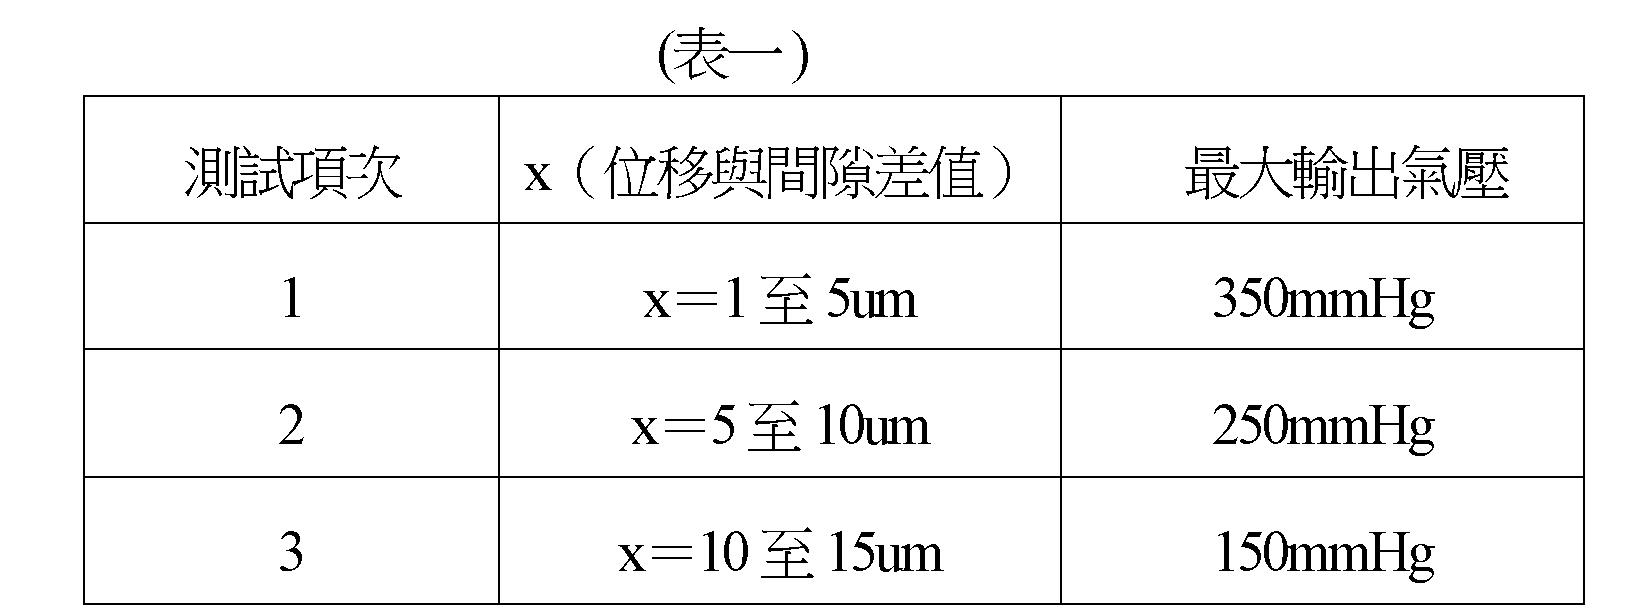 Figure TWI611107BD00001